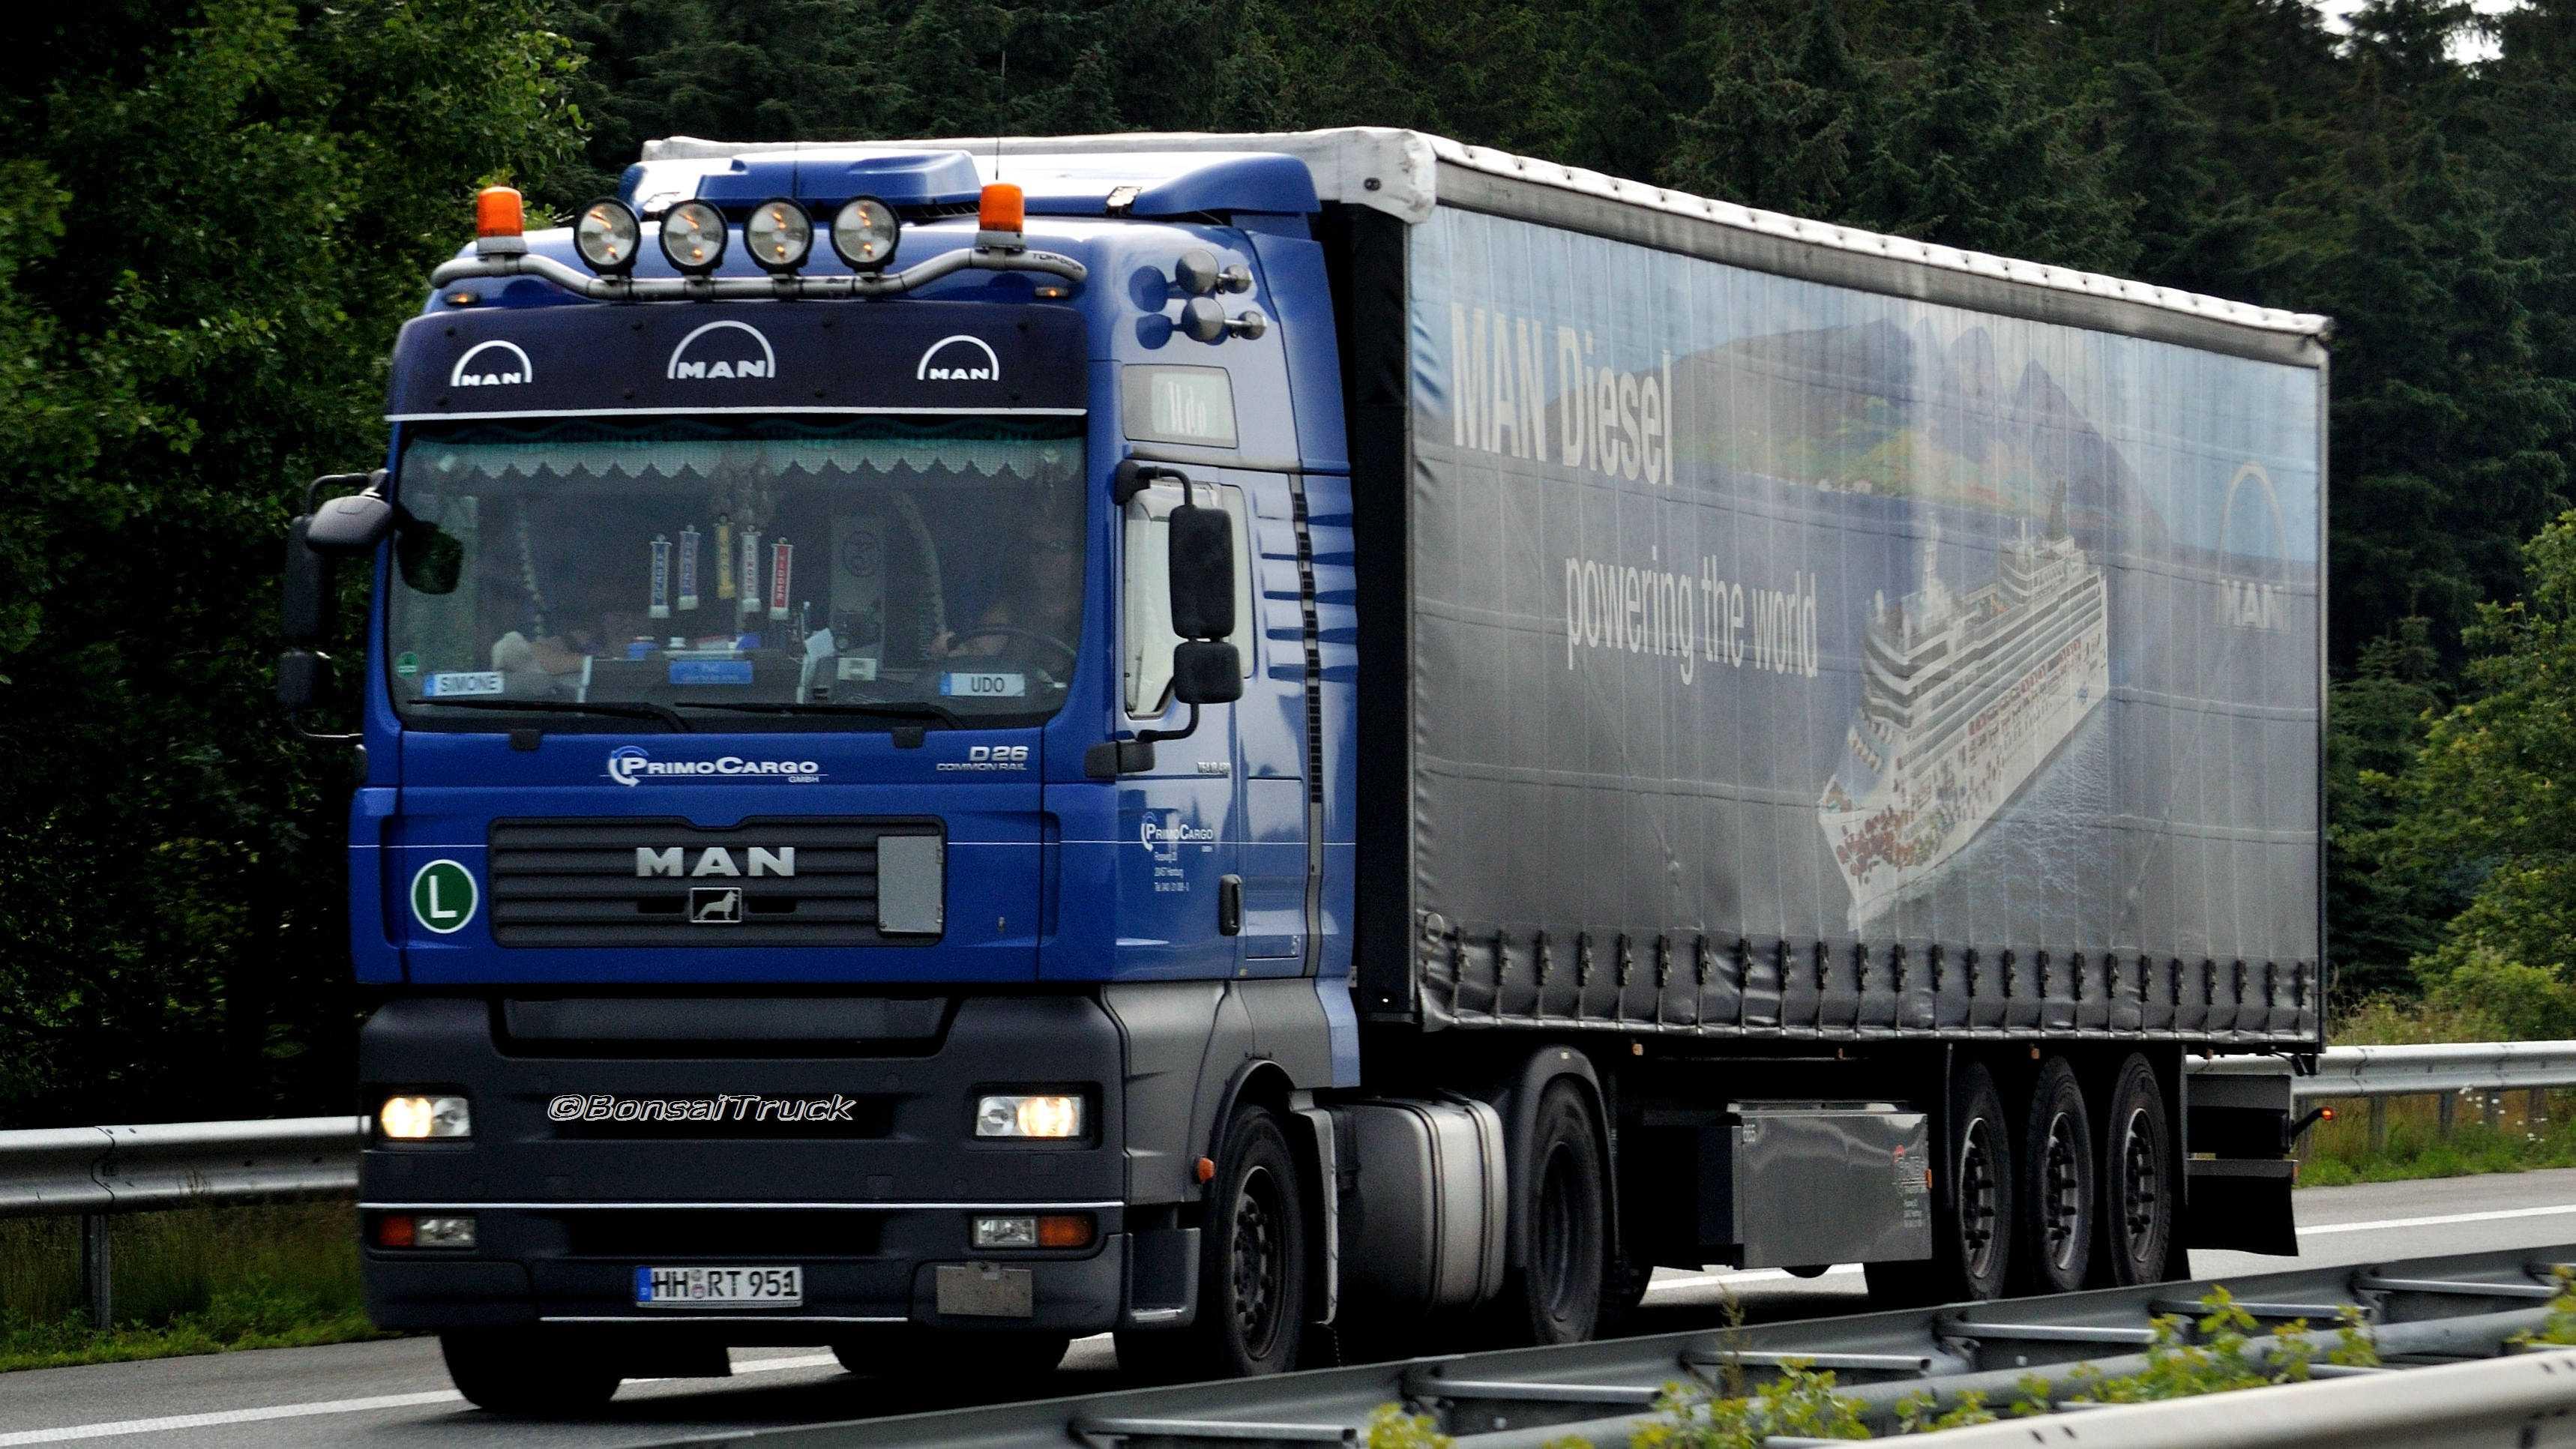 Виды и марки грузовых автомобилей (грузовиков). каталог грузовых автомобилей (грузовиков), производители, описание